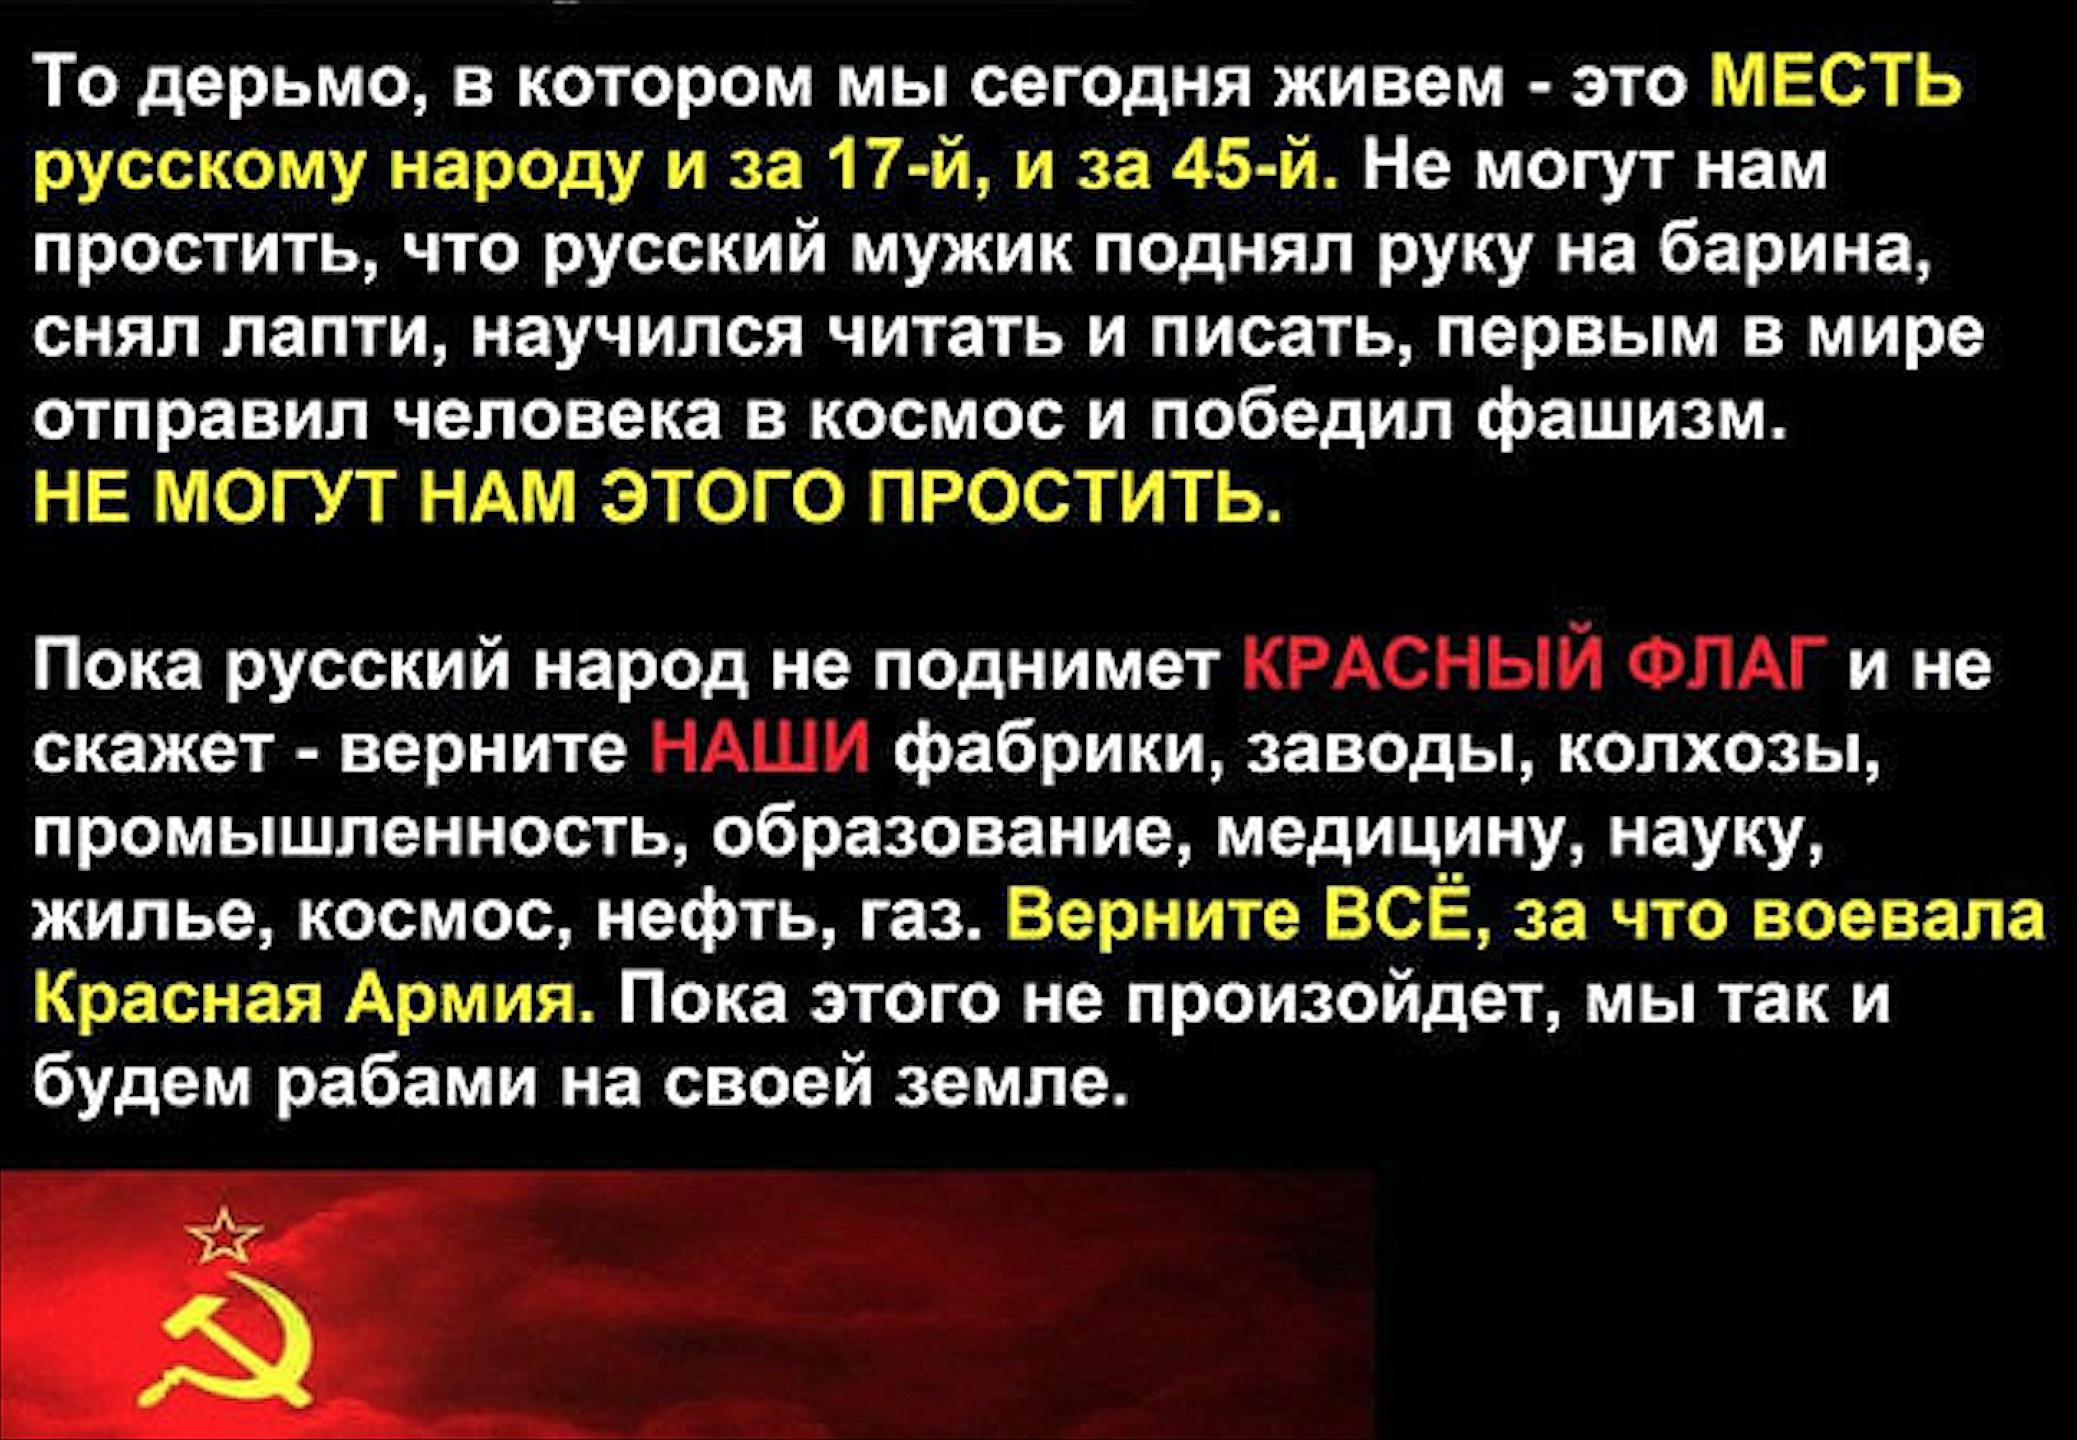 krasnyi-flag-flag-svobody-ravenstva-i-bratstva